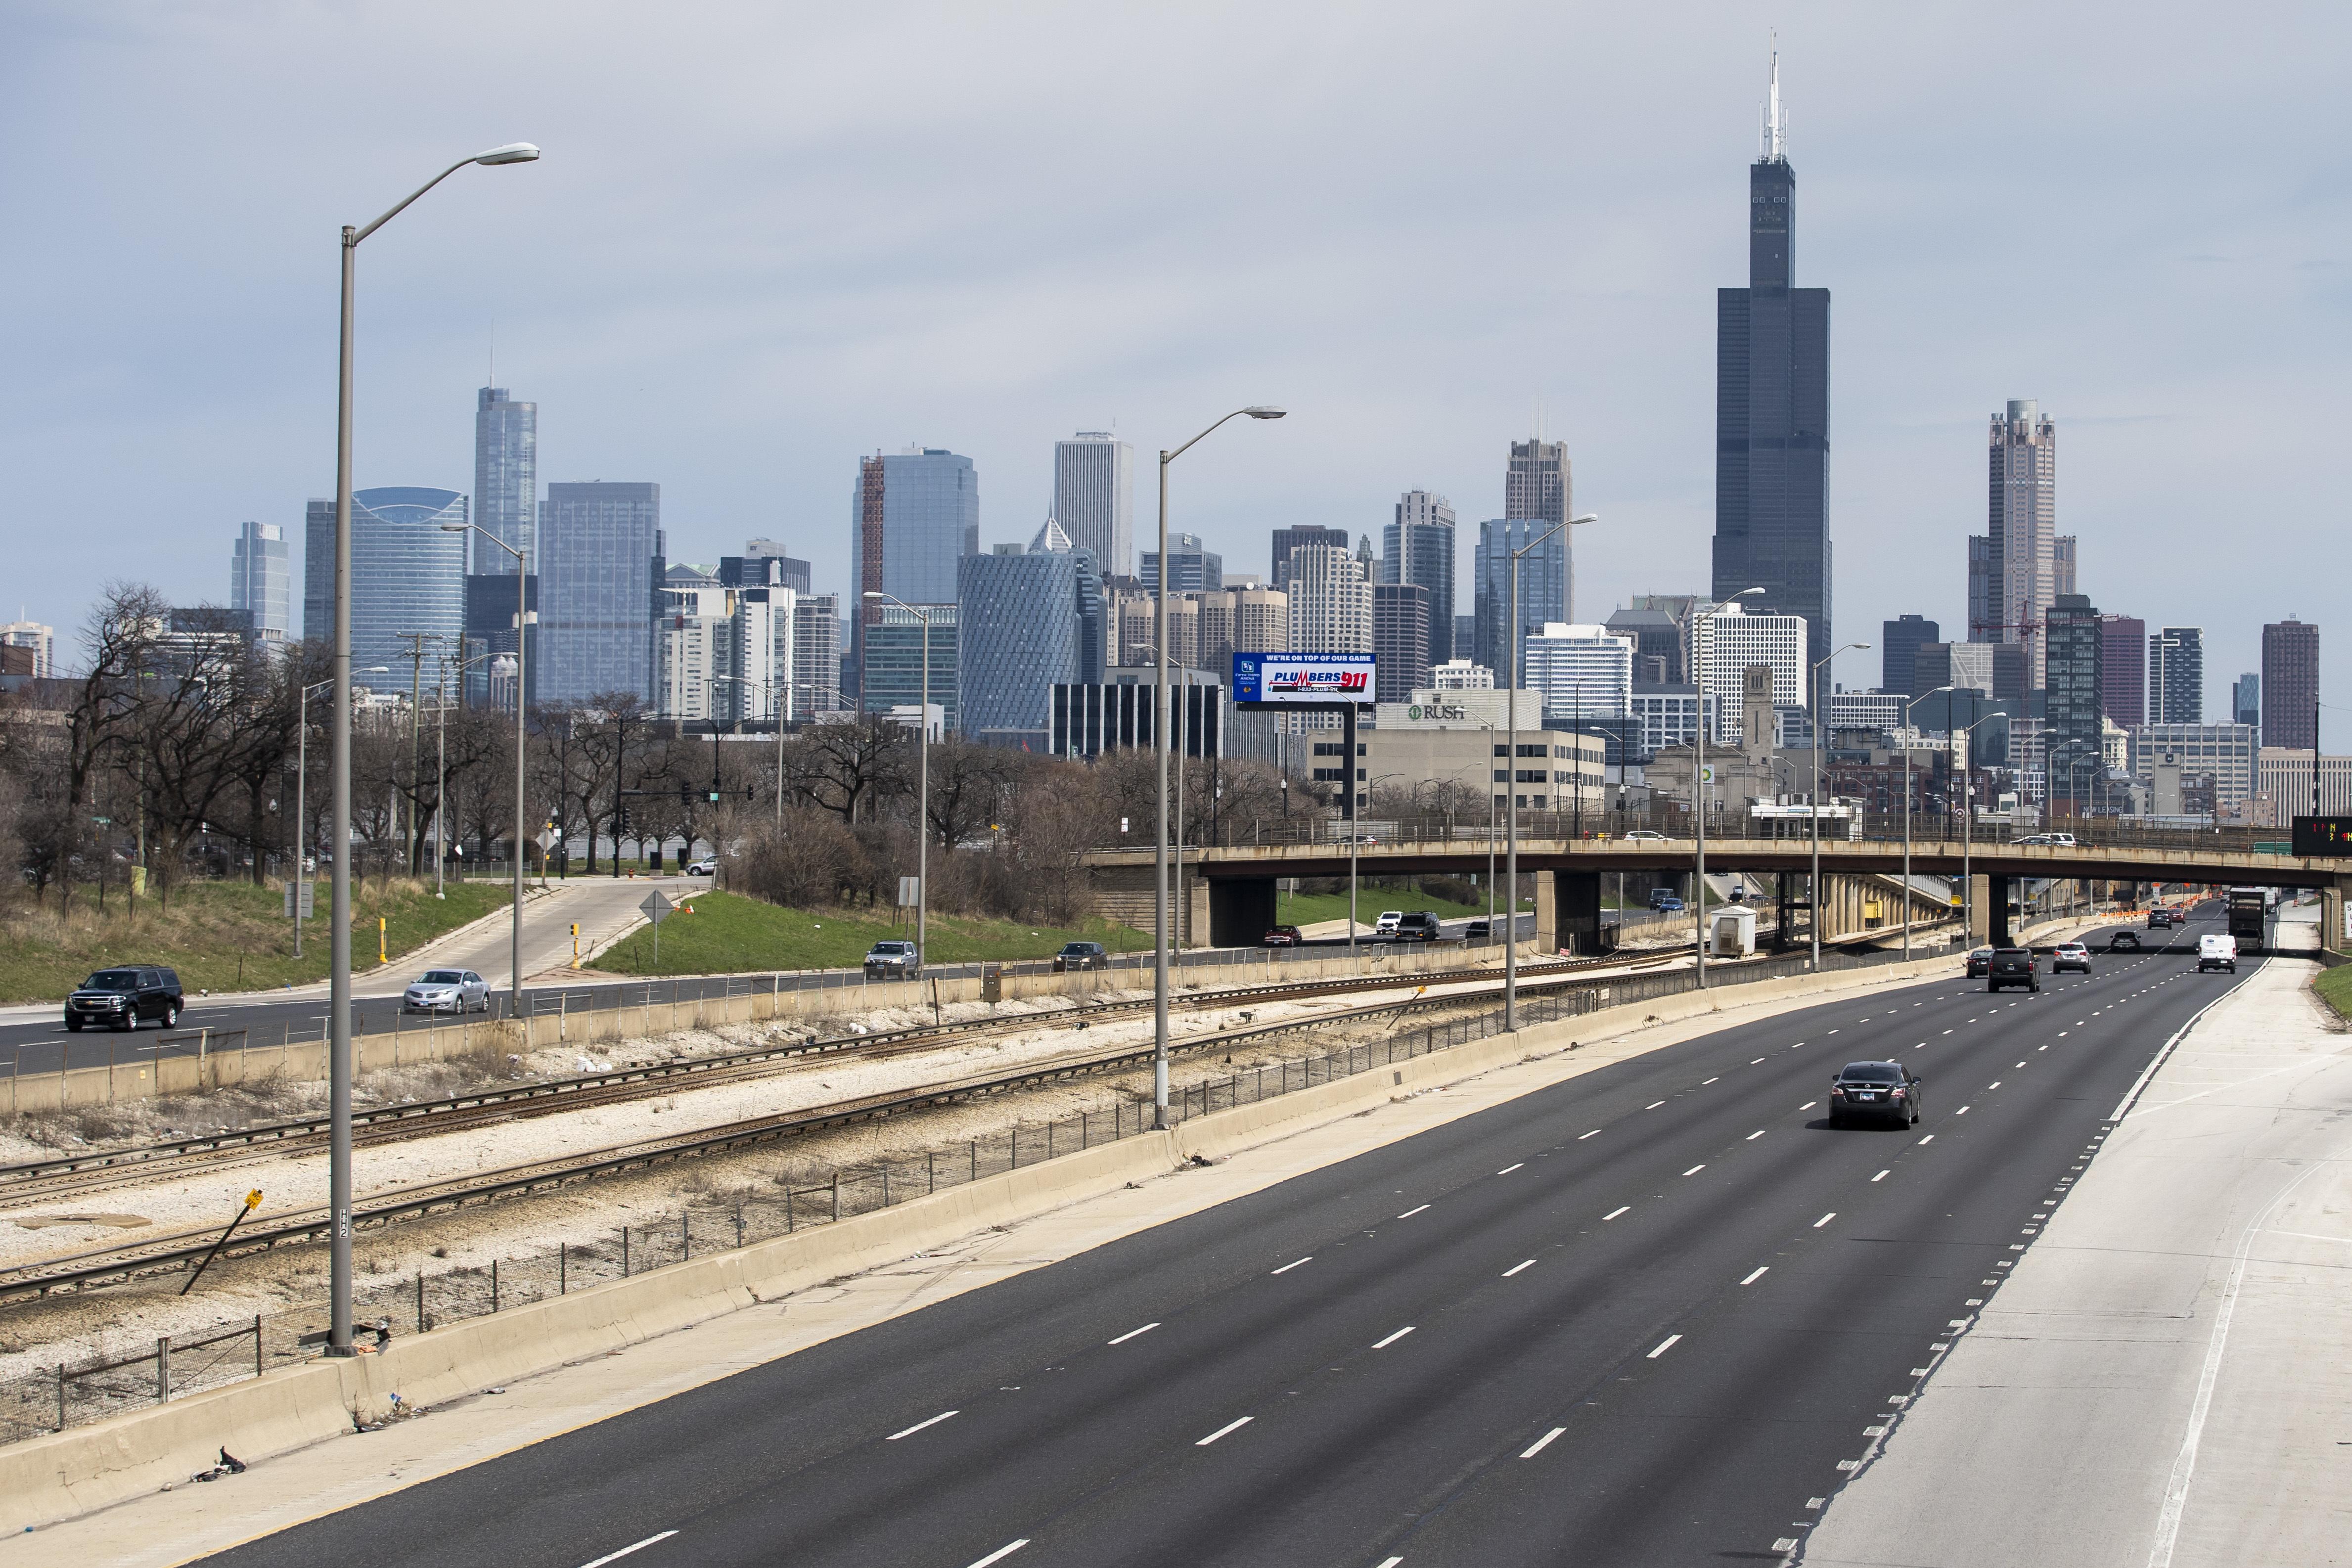 The Chicago skyline, viewed from the inbound Eisenhower Expressway.